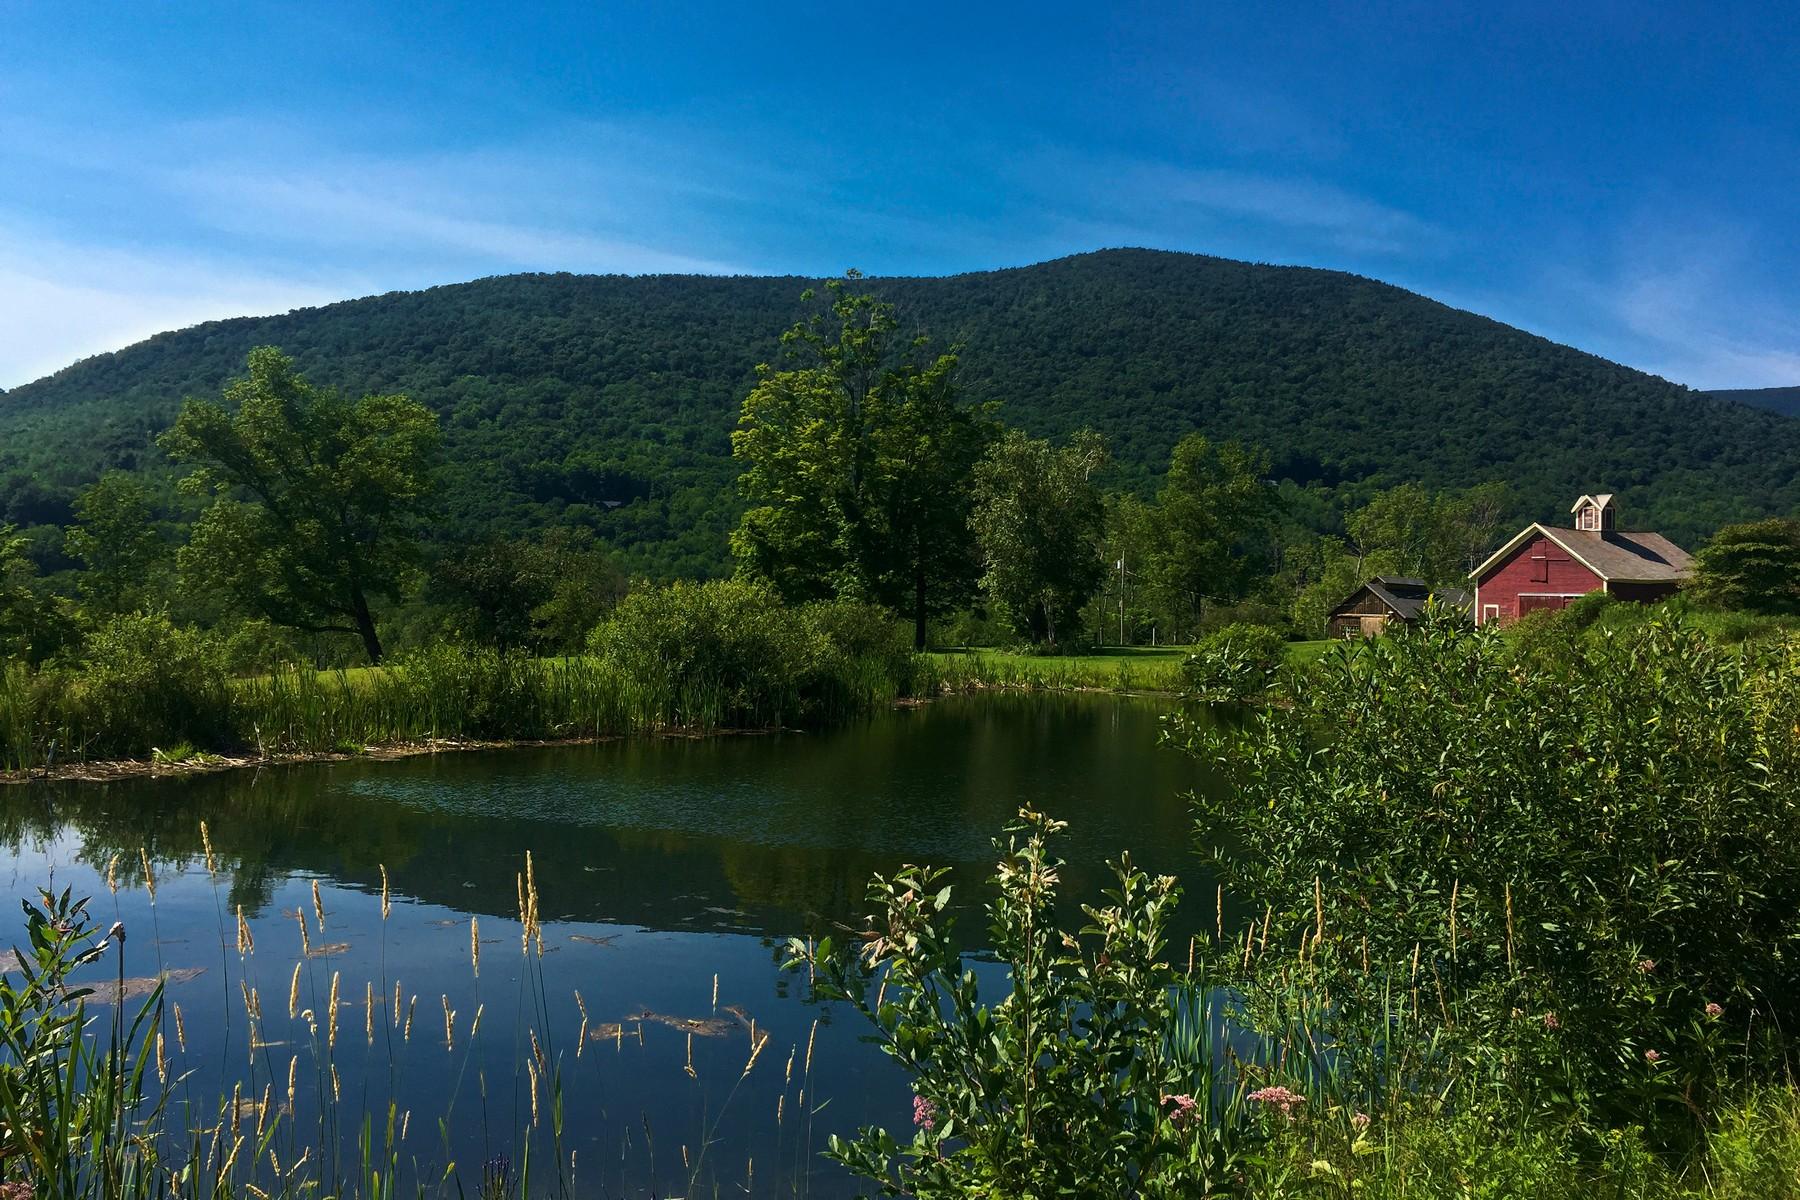 Terreno per Vendita alle ore 2028 Lower Hollow Road, Dorset 2028 Lower Hollow Rd Dorset, Vermont 05251 Stati Uniti